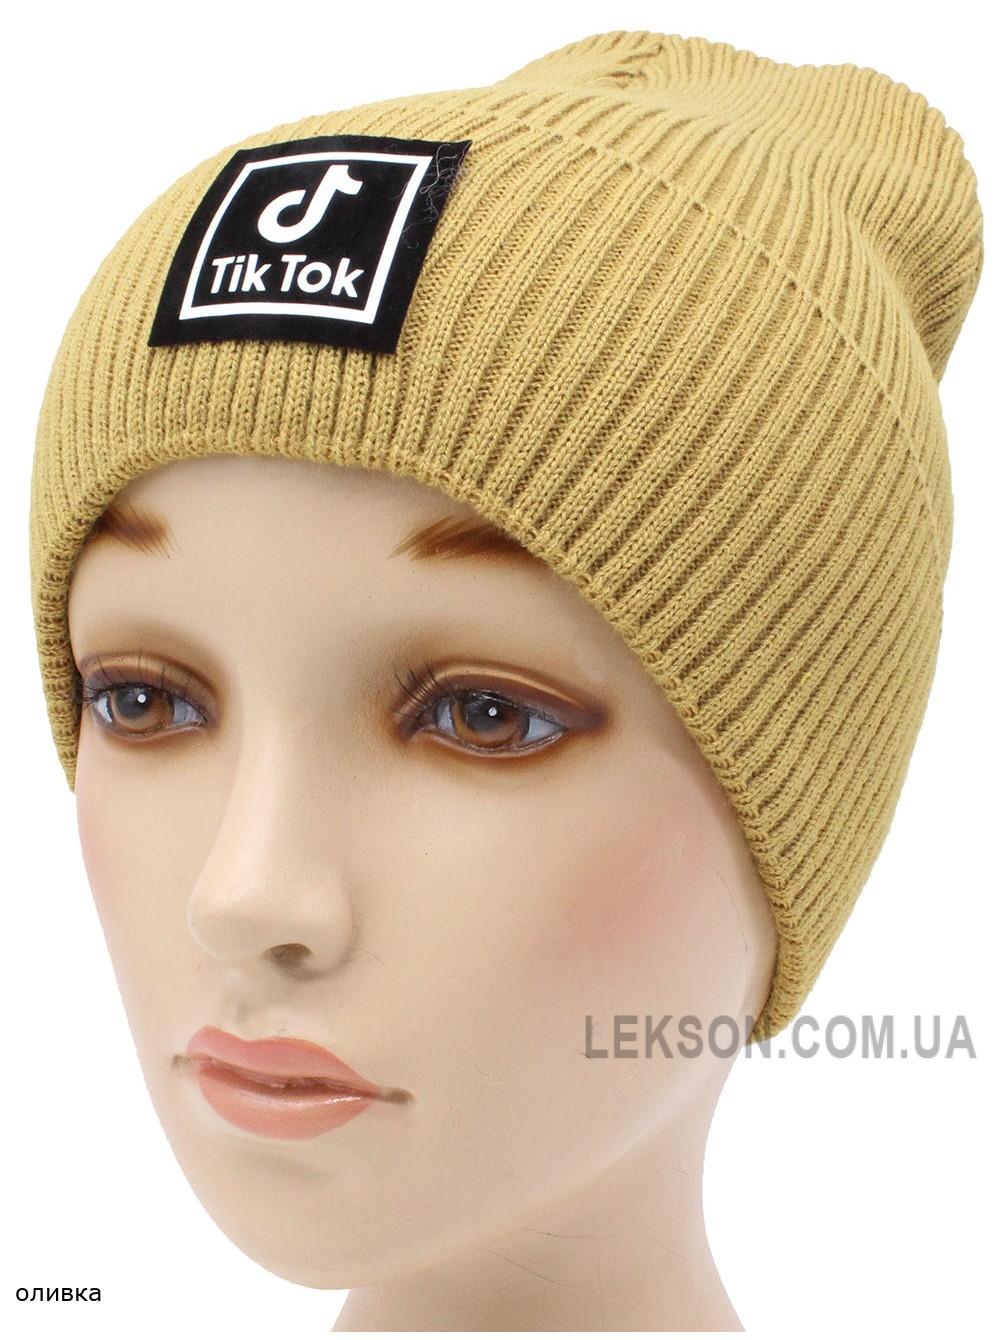 Детская вязаная шапка №58120 тик ток-54-56 №3